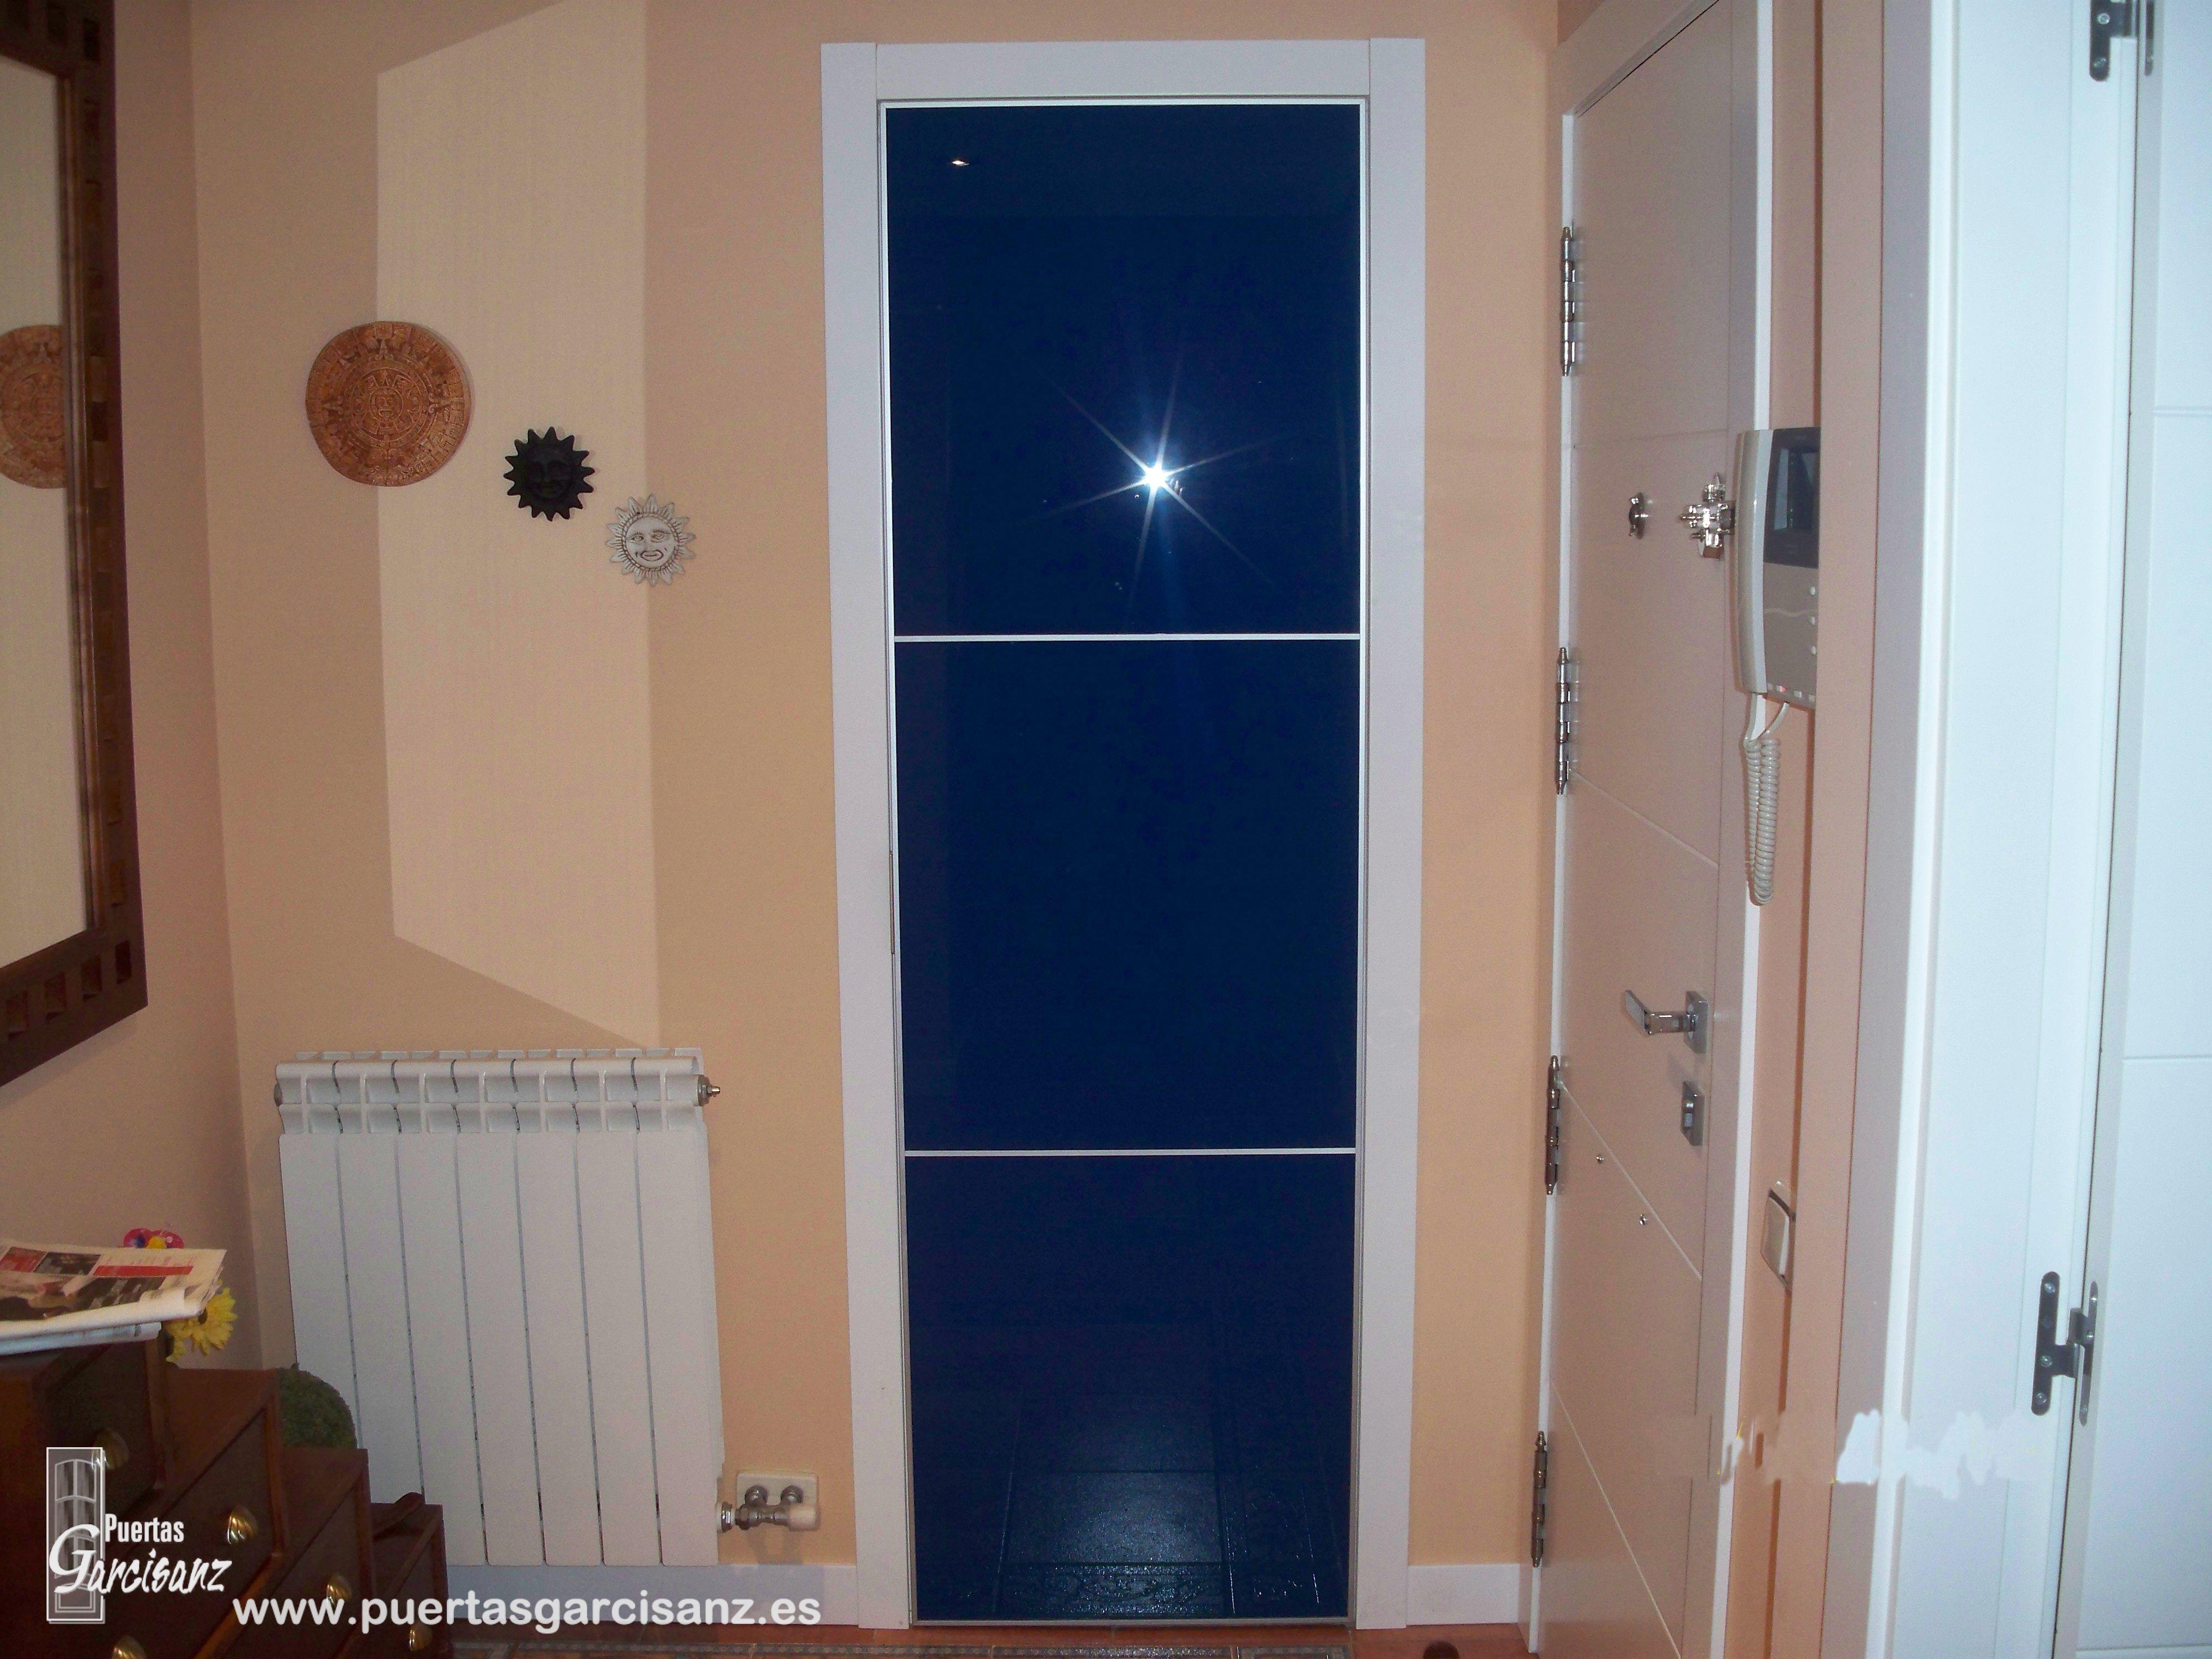 Frente de armario de puerta abatible en cristal lacado - Puerta cristal abatible ...